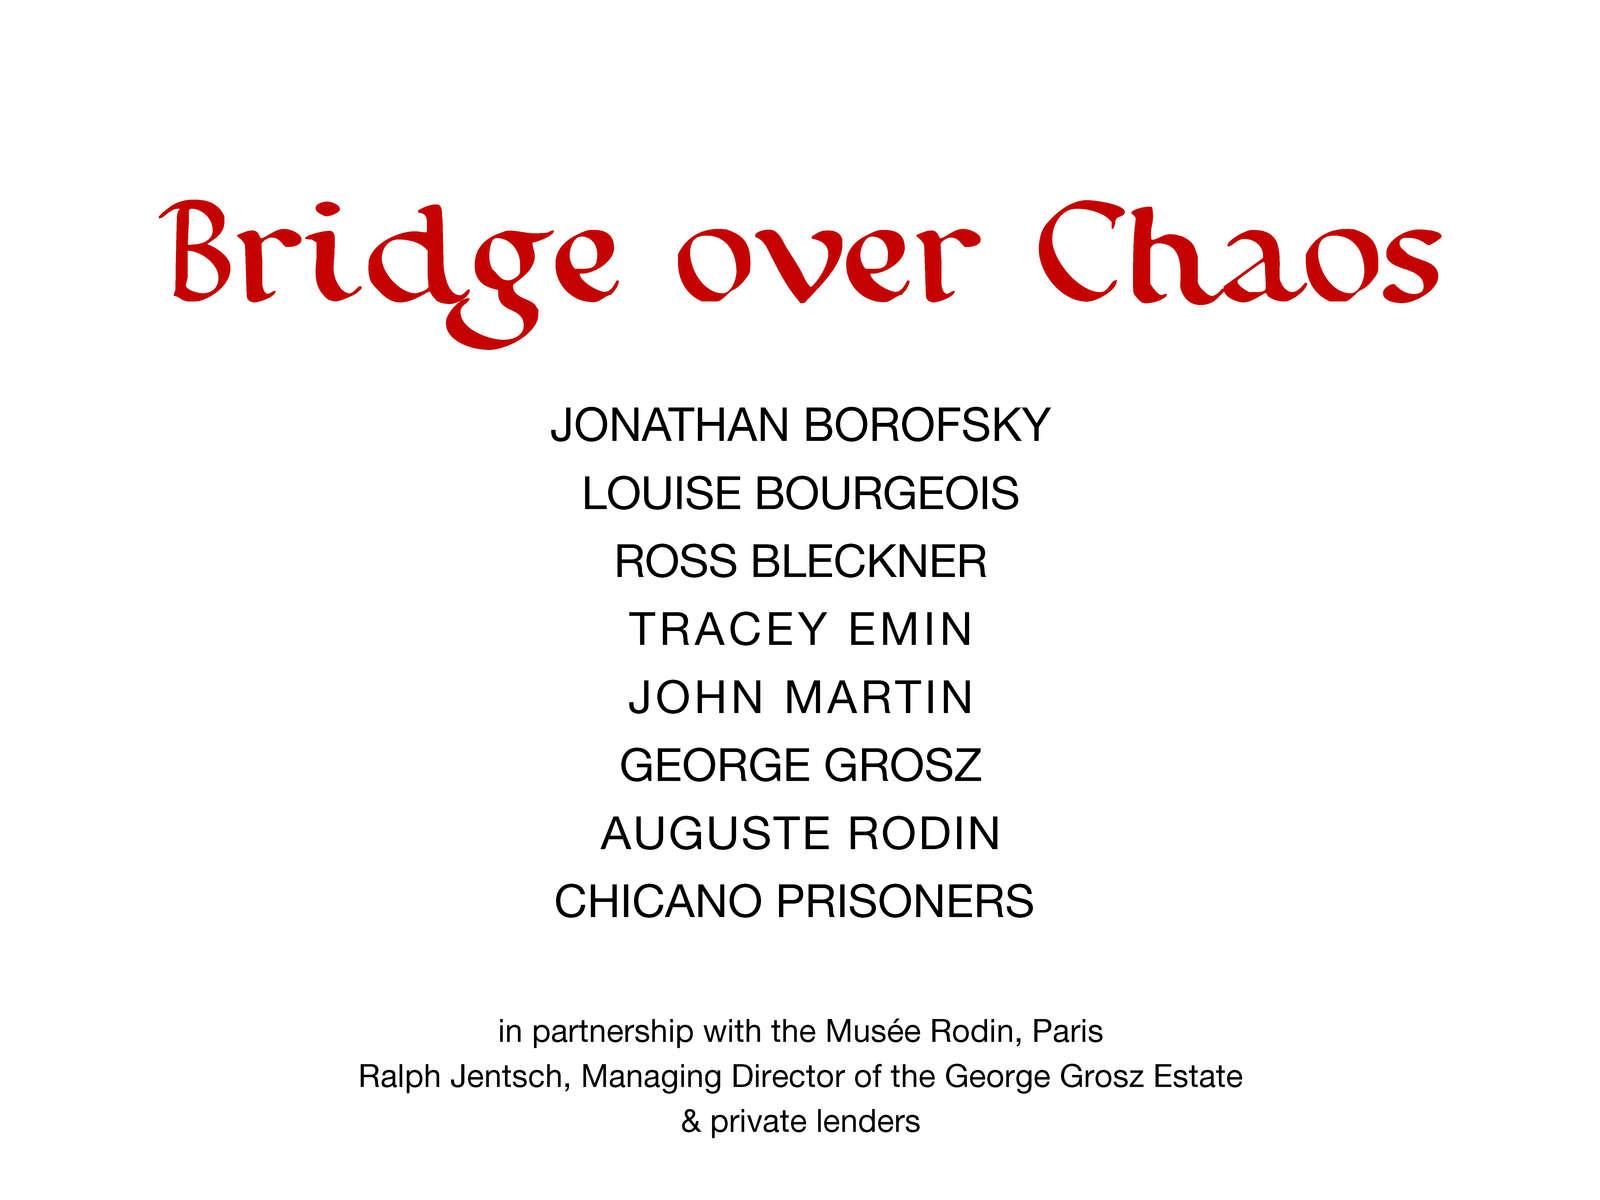 AM_14-Bridge-over-Chaos_1600x1200-02